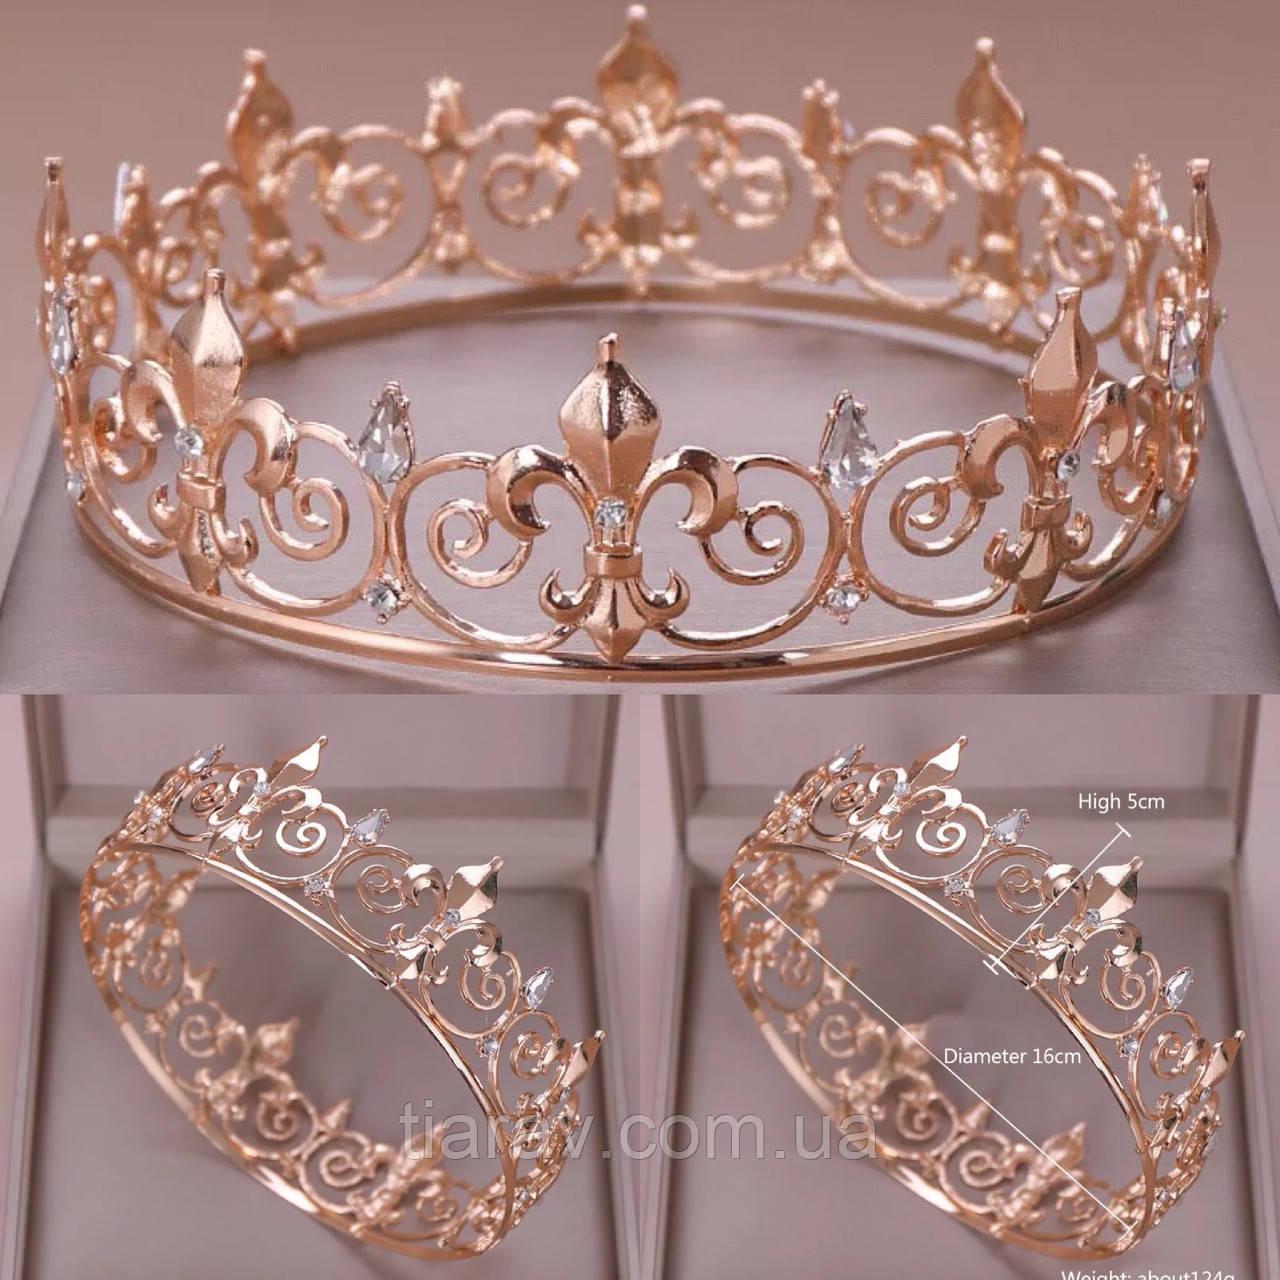 Корона царская мужская церковная БОГЕМИЯ золотая , круглая корона